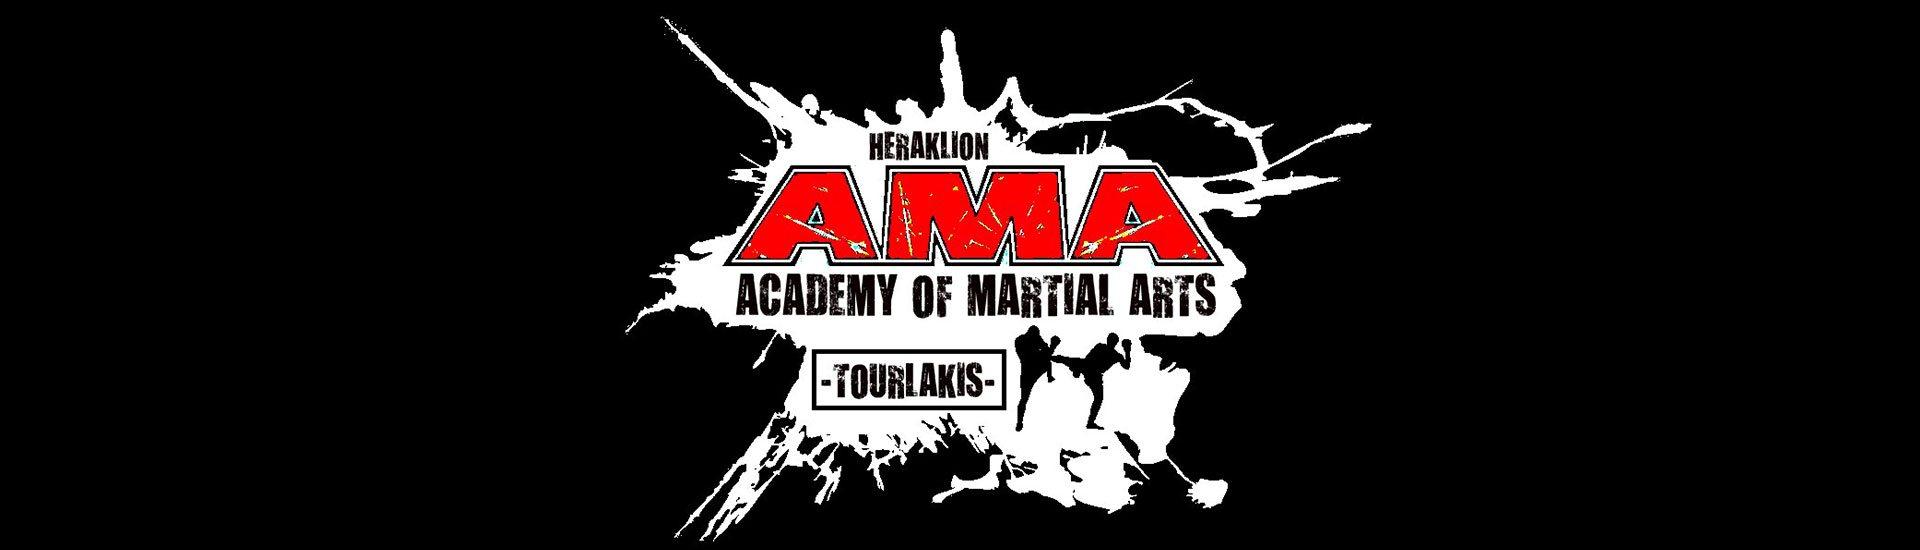 Κρητική Ακαδημία Αθλητικός Σύλλογος Πολεμικών Τεχνών